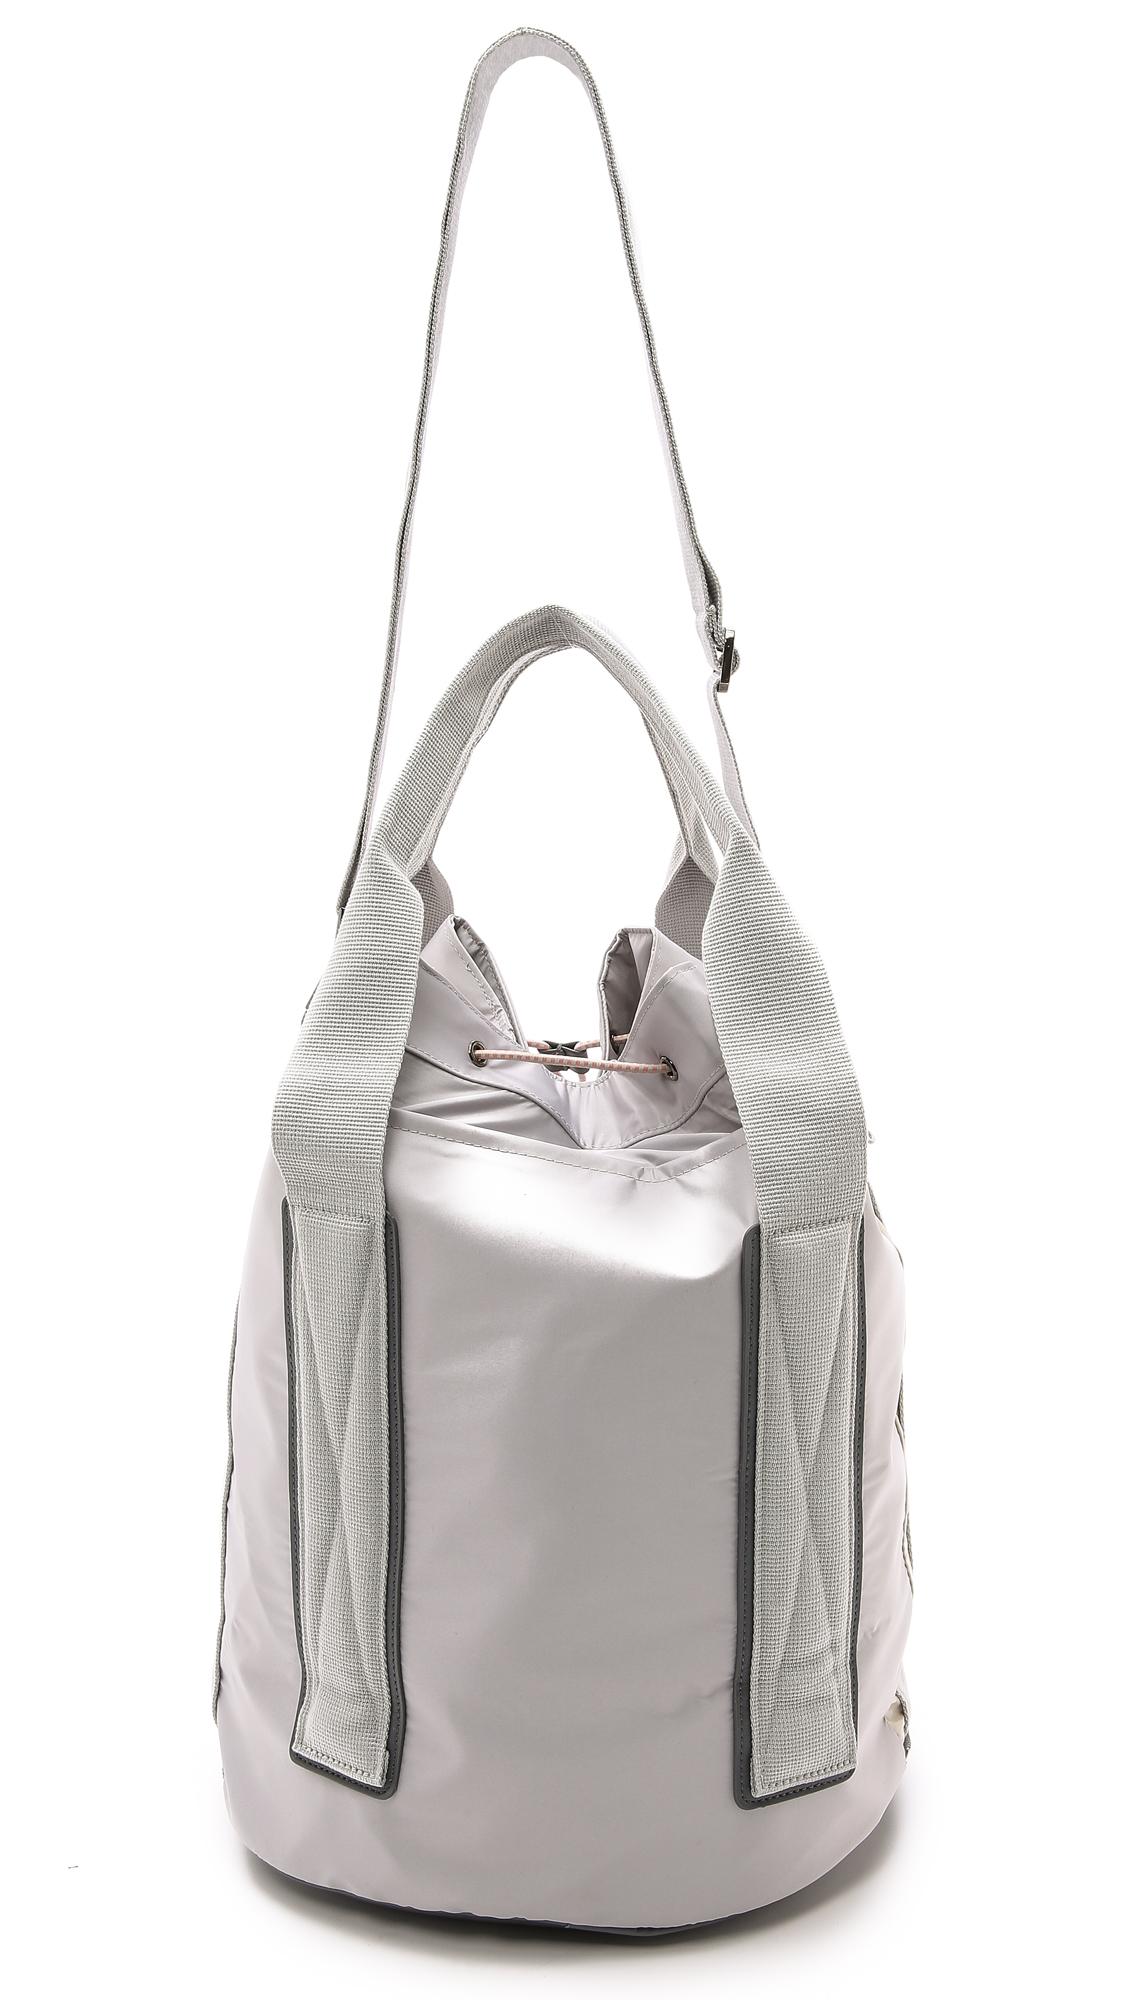 adidas by Stella McCartney Теннисная сумка   SHOPBOP 769c8f5ba1c